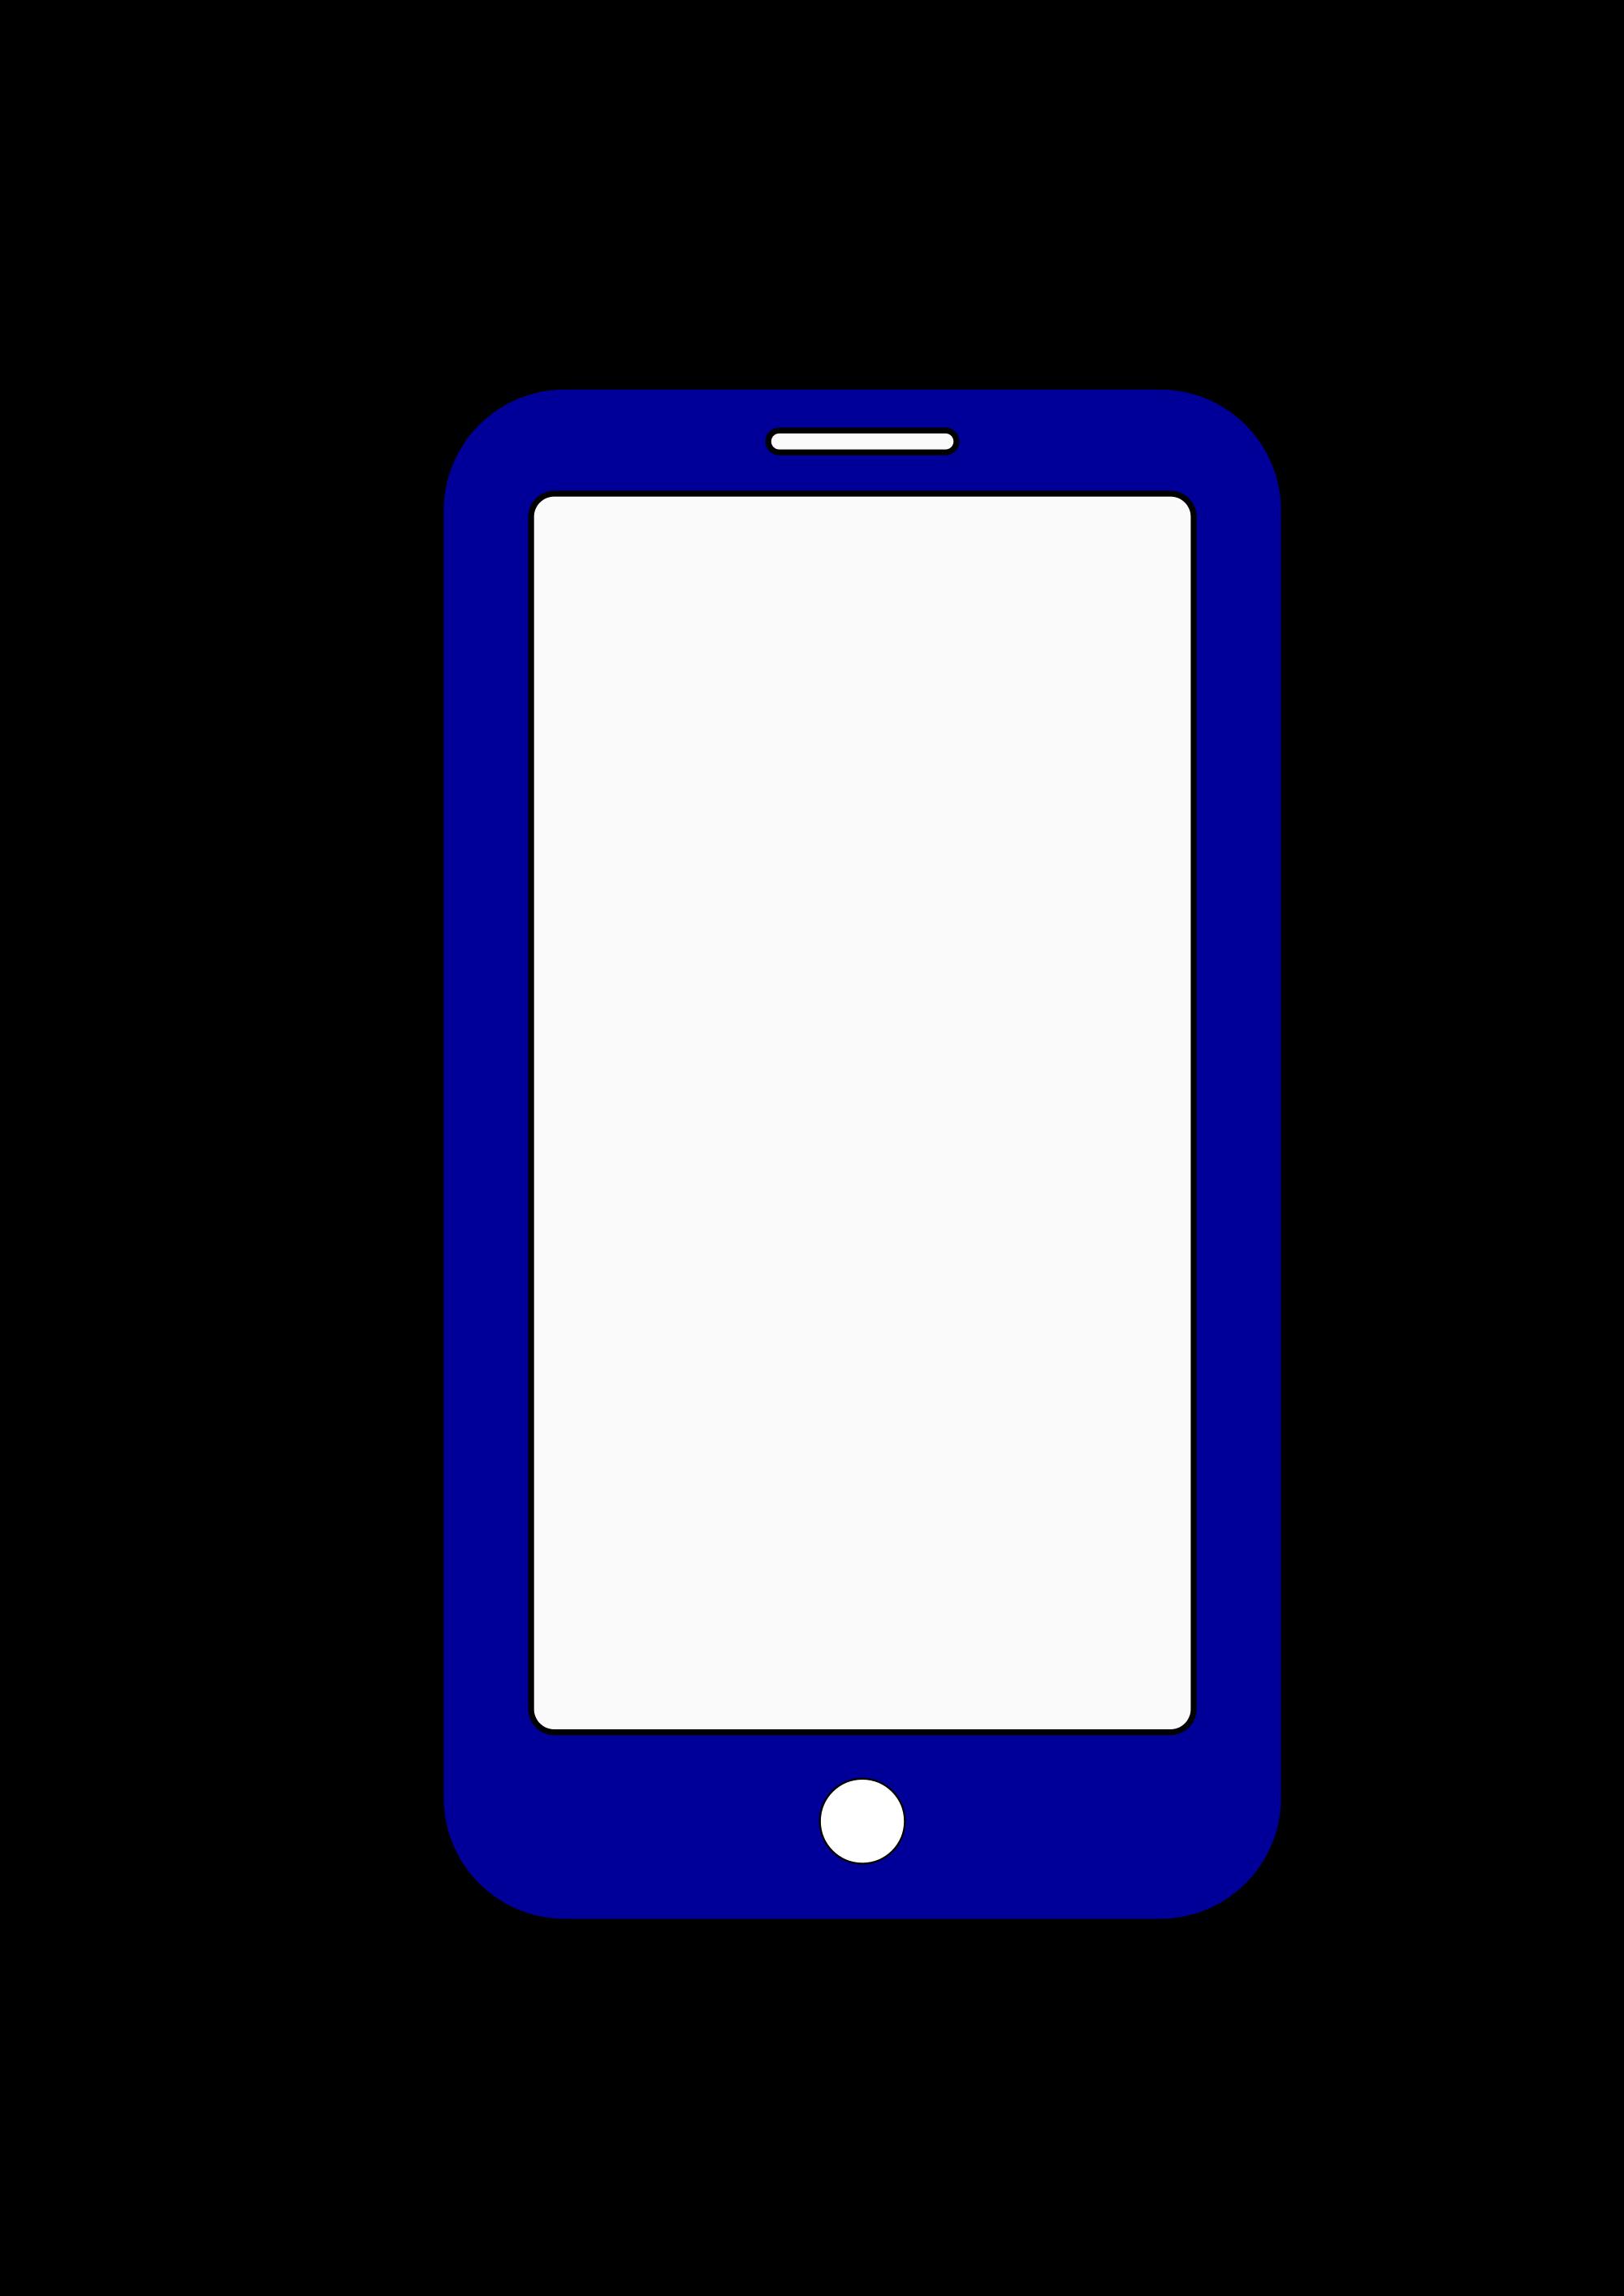 File smartphone svg wikimedia. Festival clipart icon